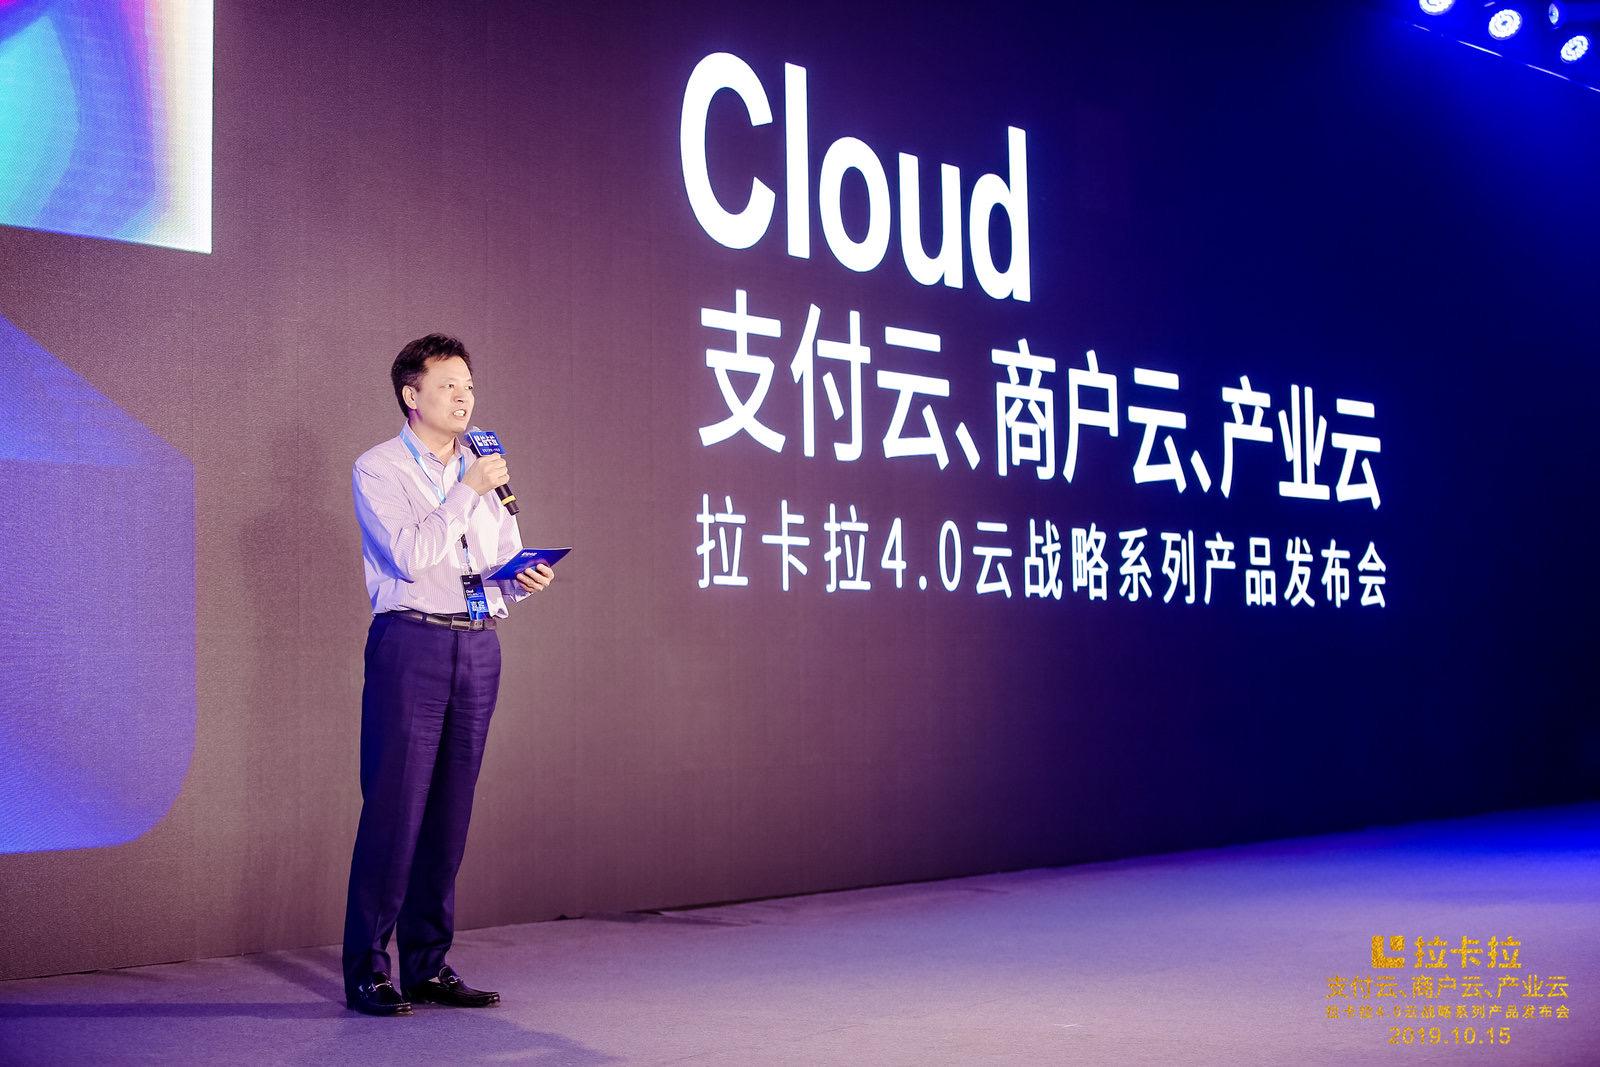 拉卡拉支付深耕B端市场发力产业互联网首站落地南京